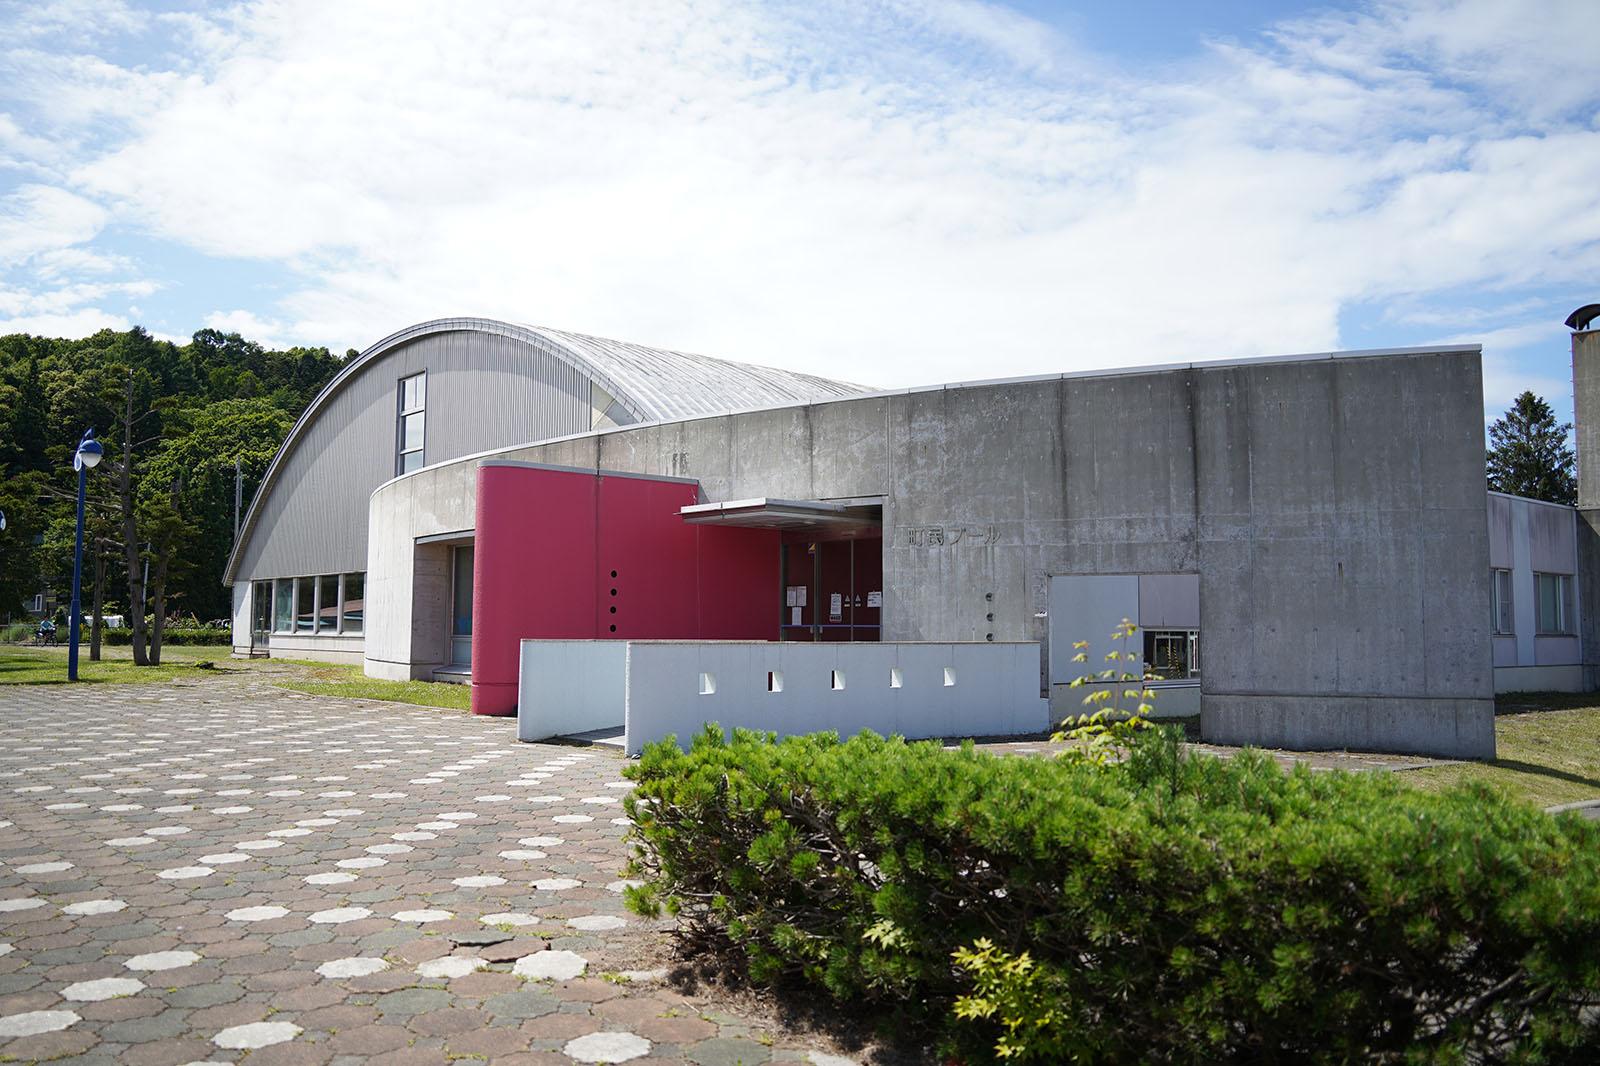 Yuniウォーターランド(温水プール)